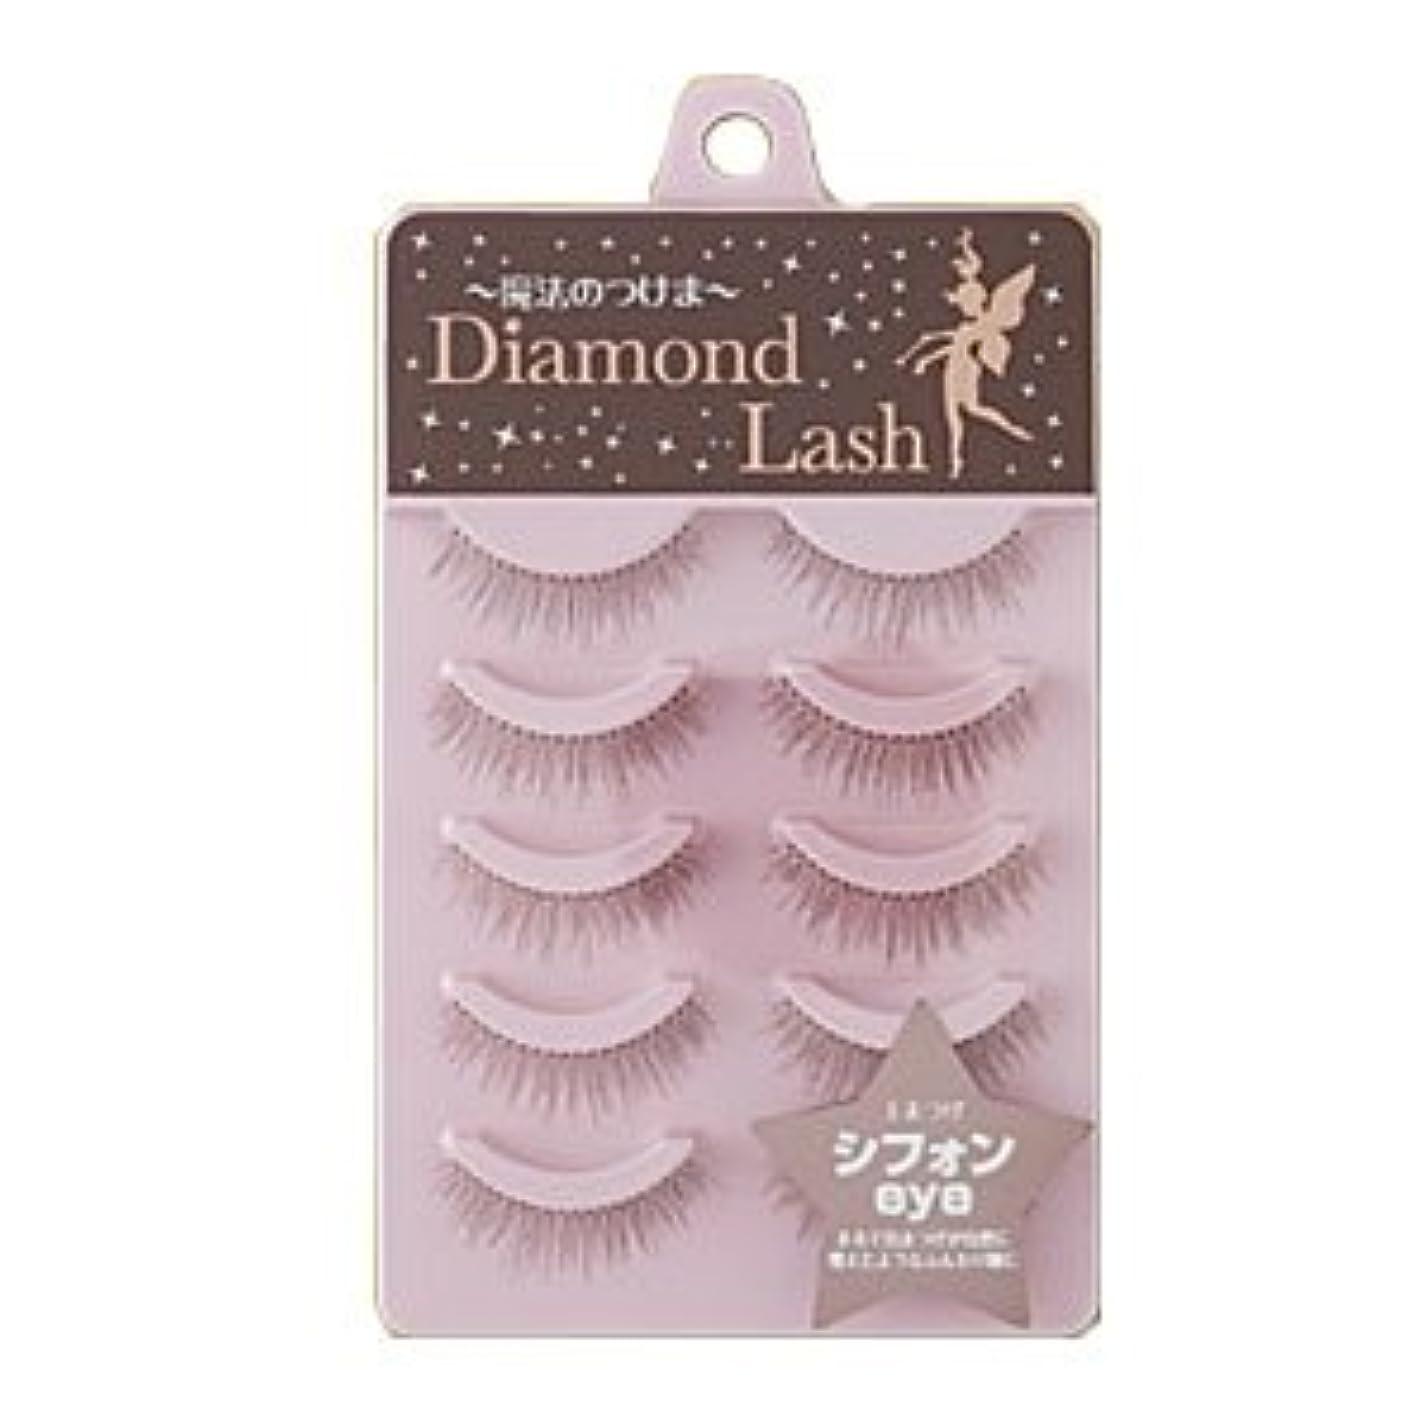 産地市場必要条件ダイヤモンドラッシュ Diamond Lash つけまつげ リッチブラウンシリーズ シフォンeye